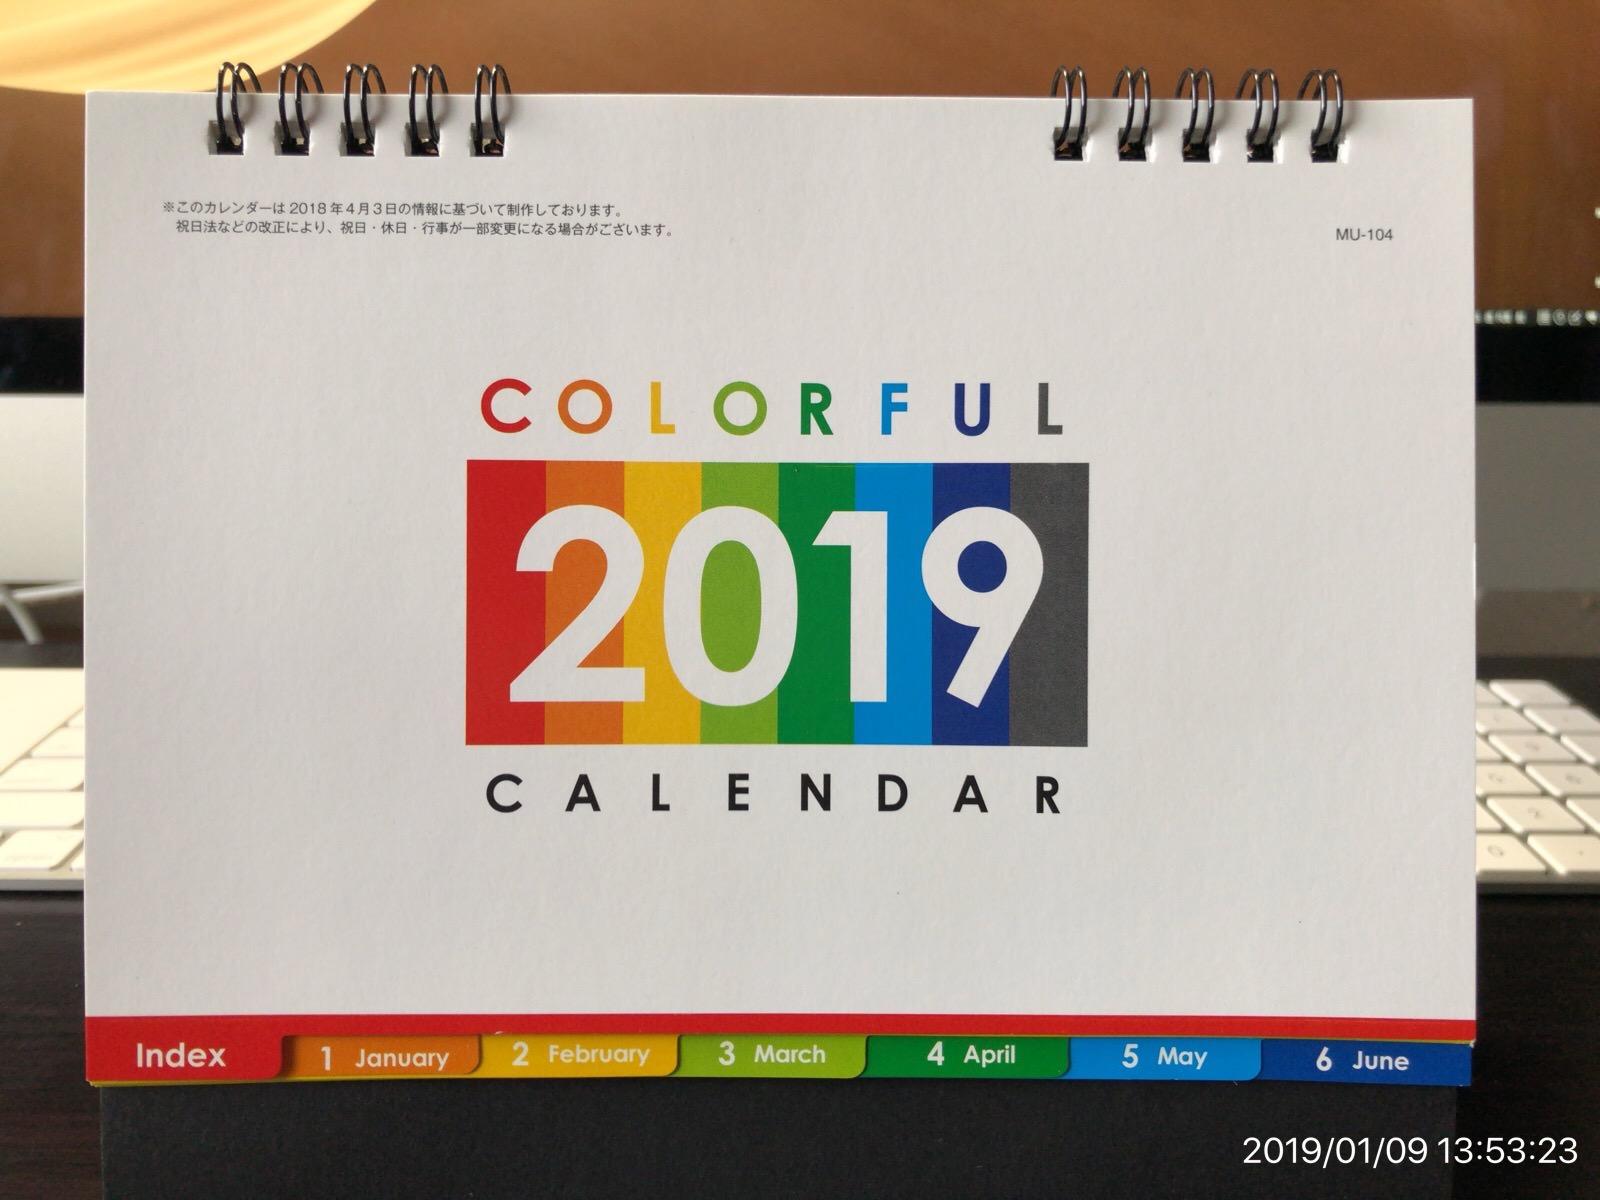 ベストセラー カレンダー 卓上 COLORFUL MU-104 B6